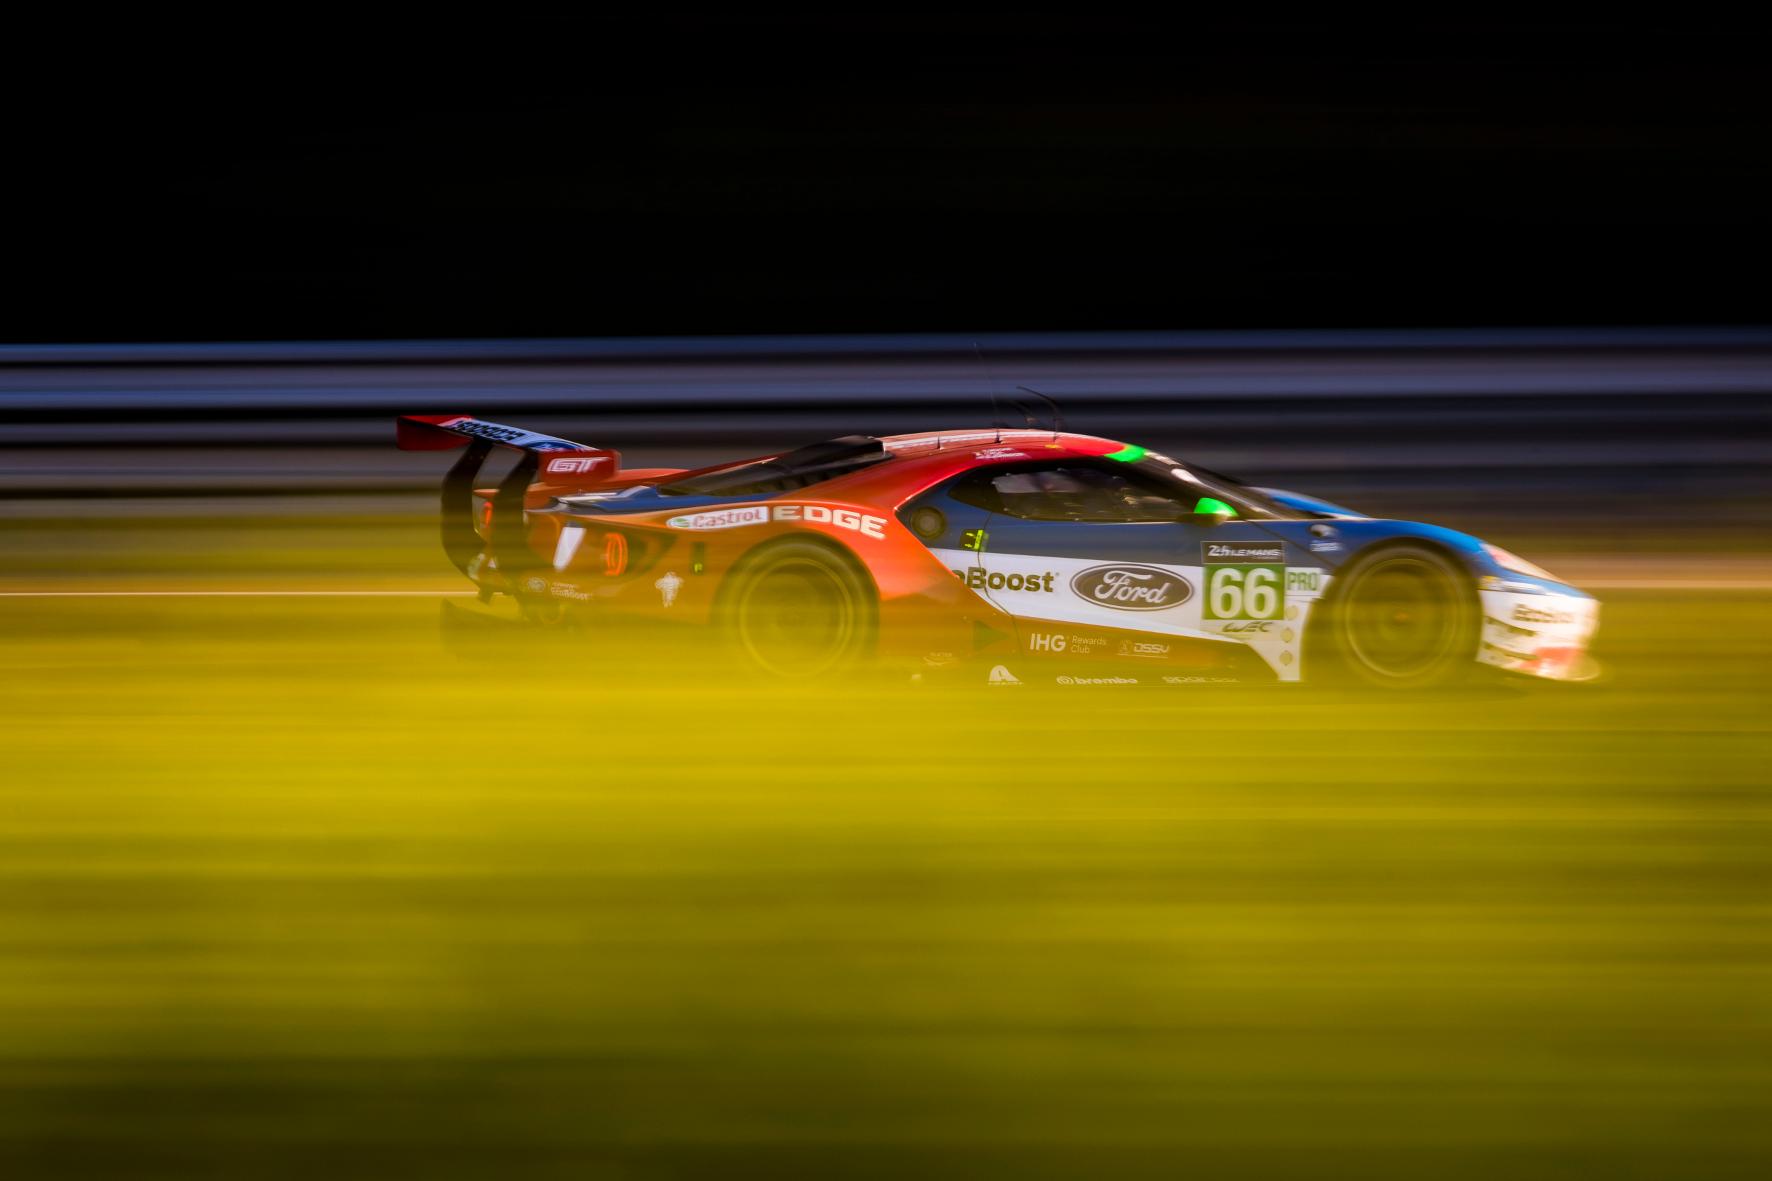 mid Groß-Gerau - Eindrucksvolle Vorstellung: ein Ford GT im Juni 2017 auf dem Circuit de la Sarthe von Le Mans. Ford / Drew Gibson